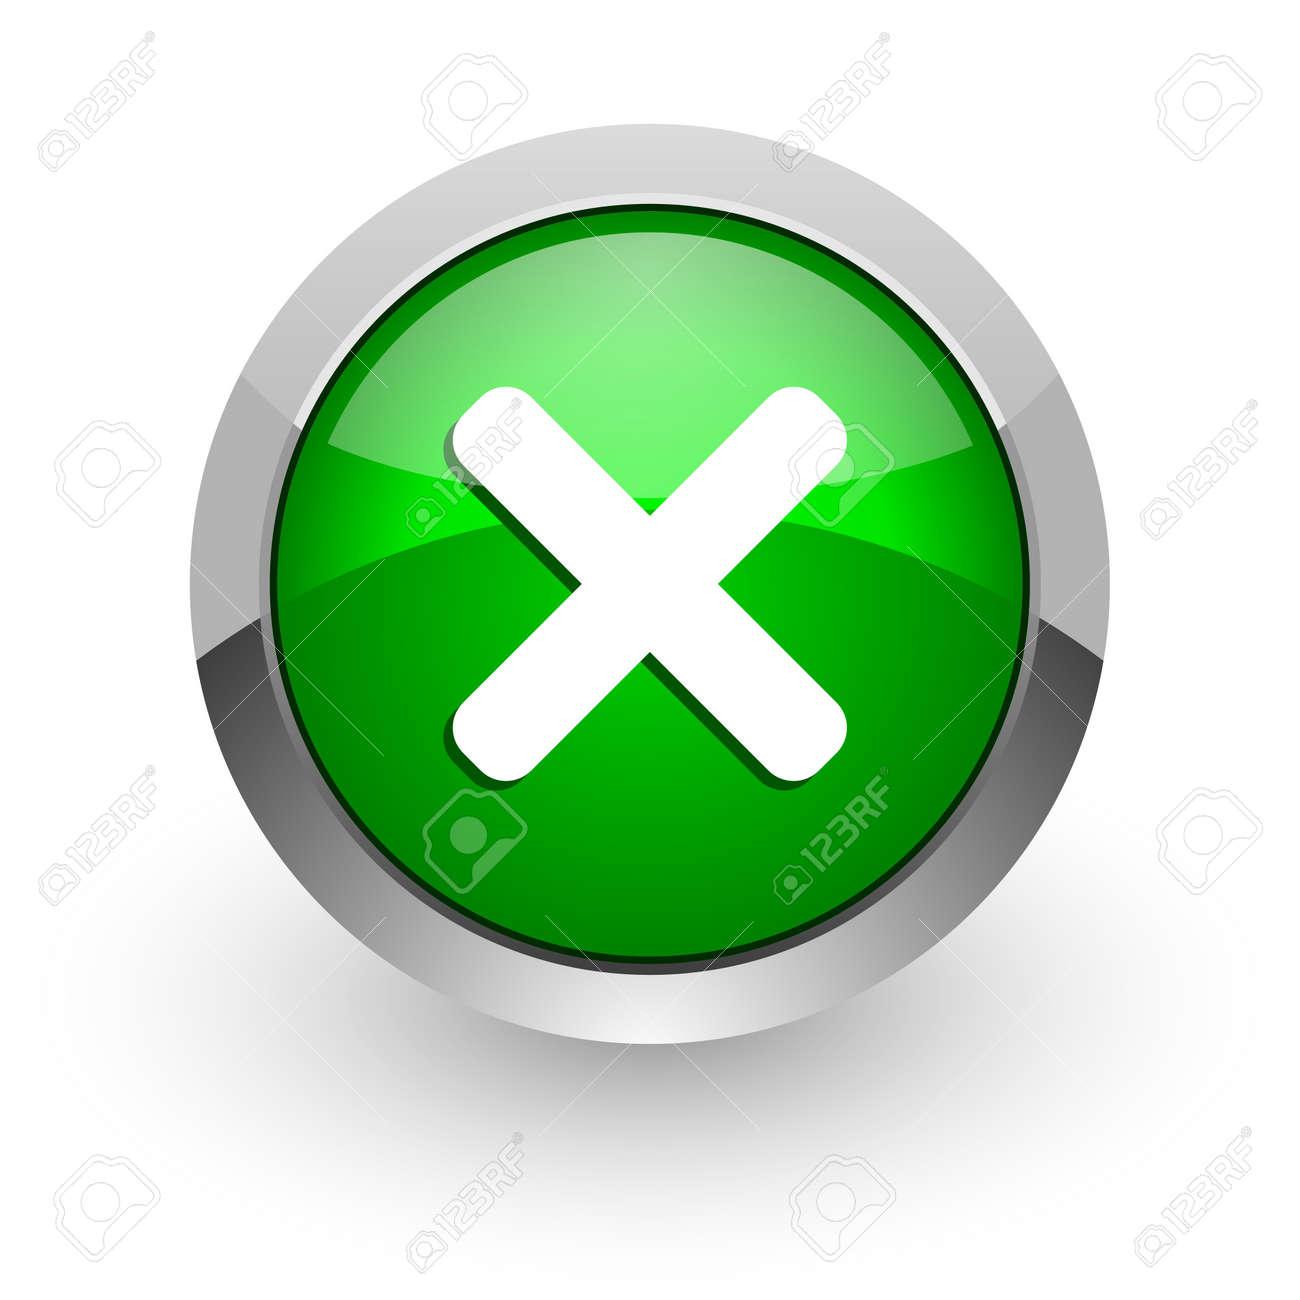 cancel icon Stock Photo - 14471595